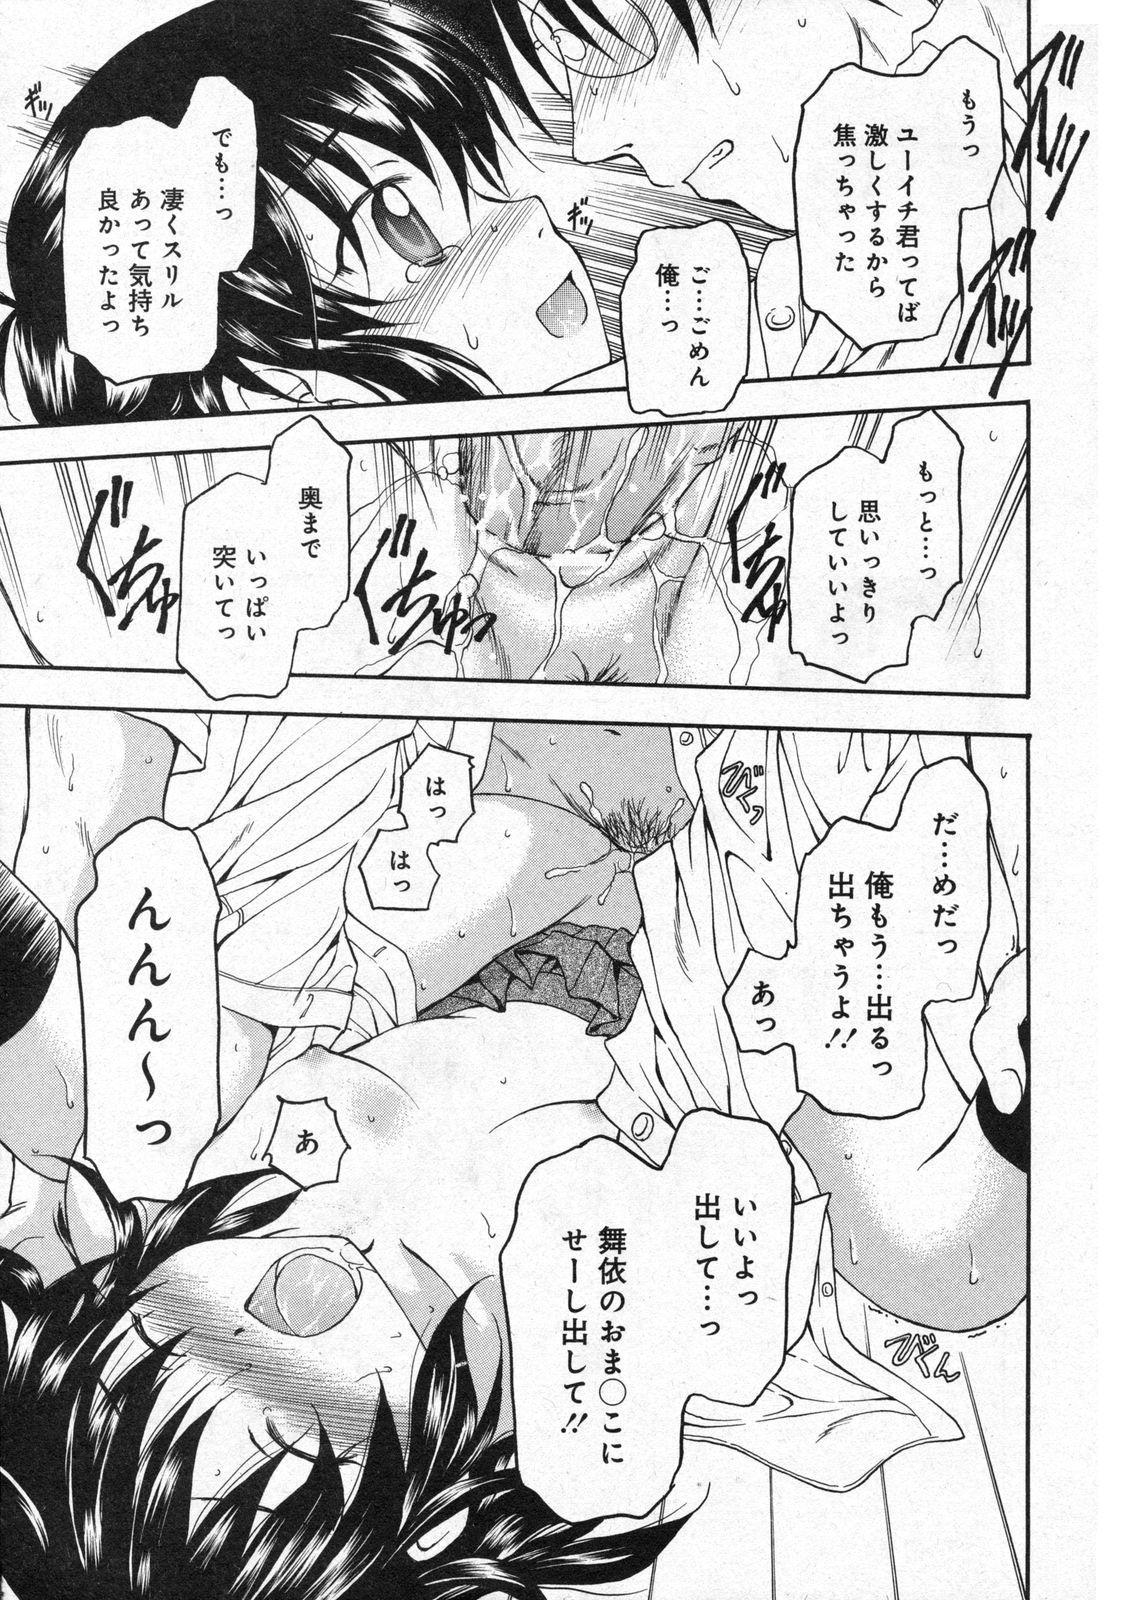 COMIC Moemax Jr. Vol.01 2009-08 74